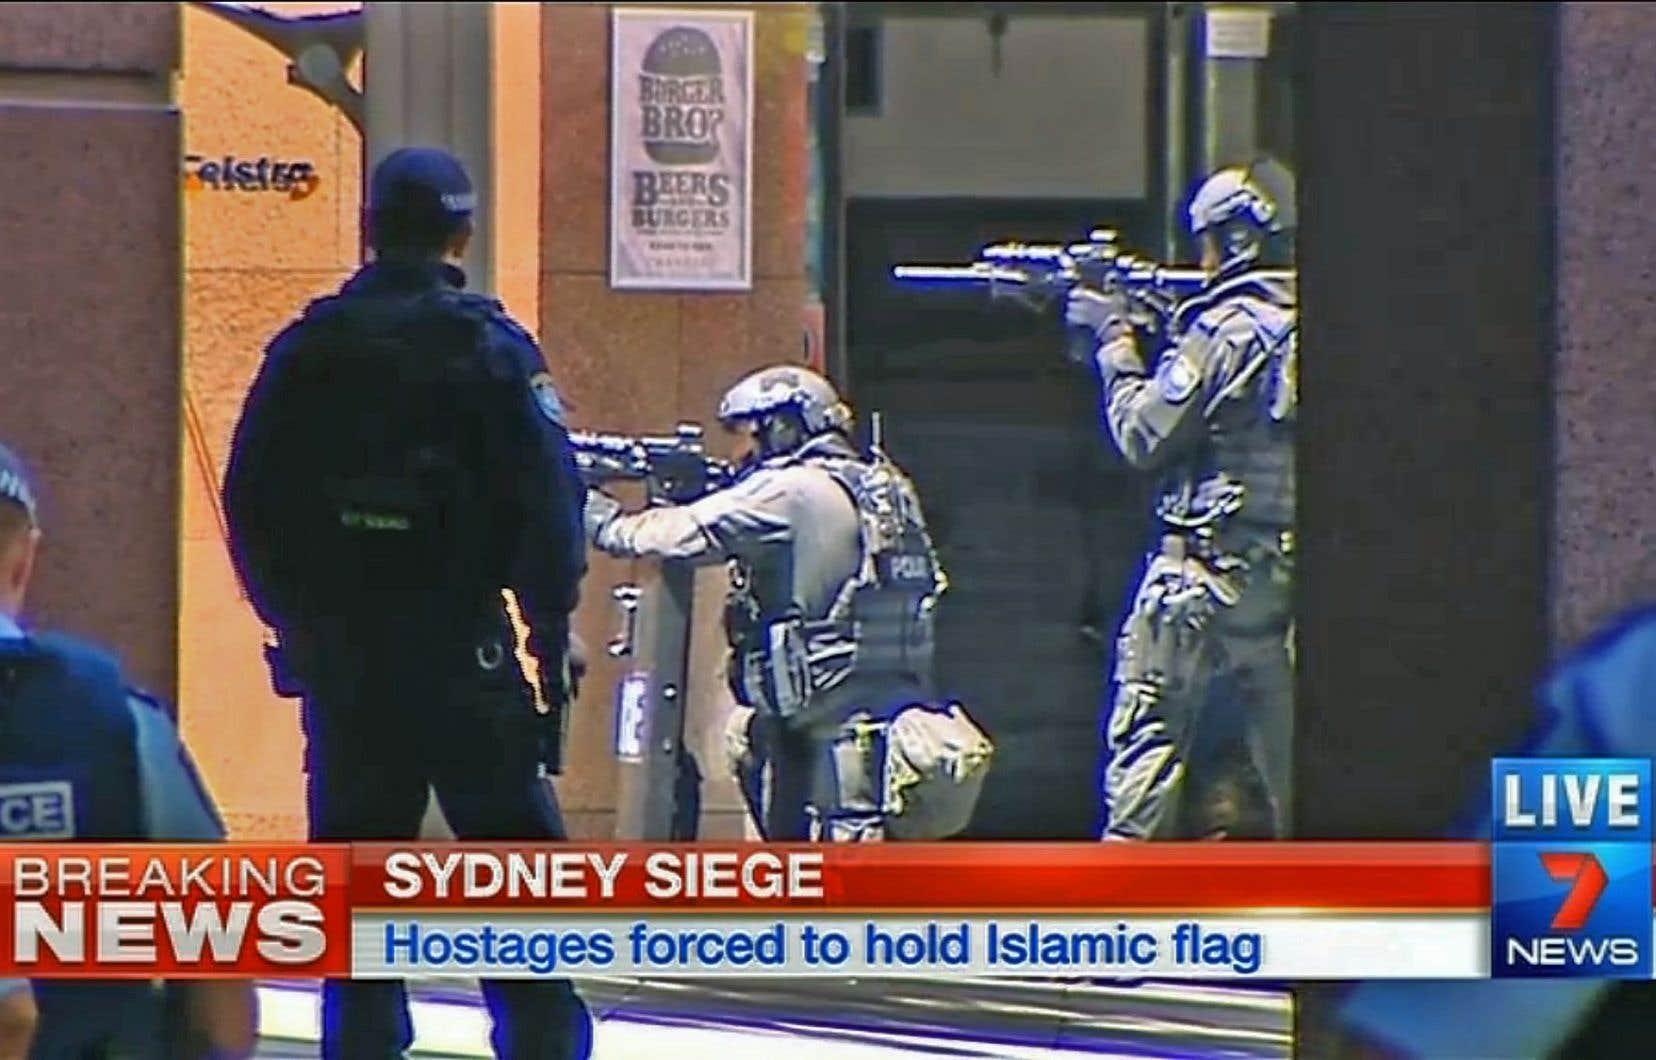 Des images de télévision montrent des hommes des forces de l'ordre en équipement lourd, pointant des armes à feu en direction de l'établissement.<br />